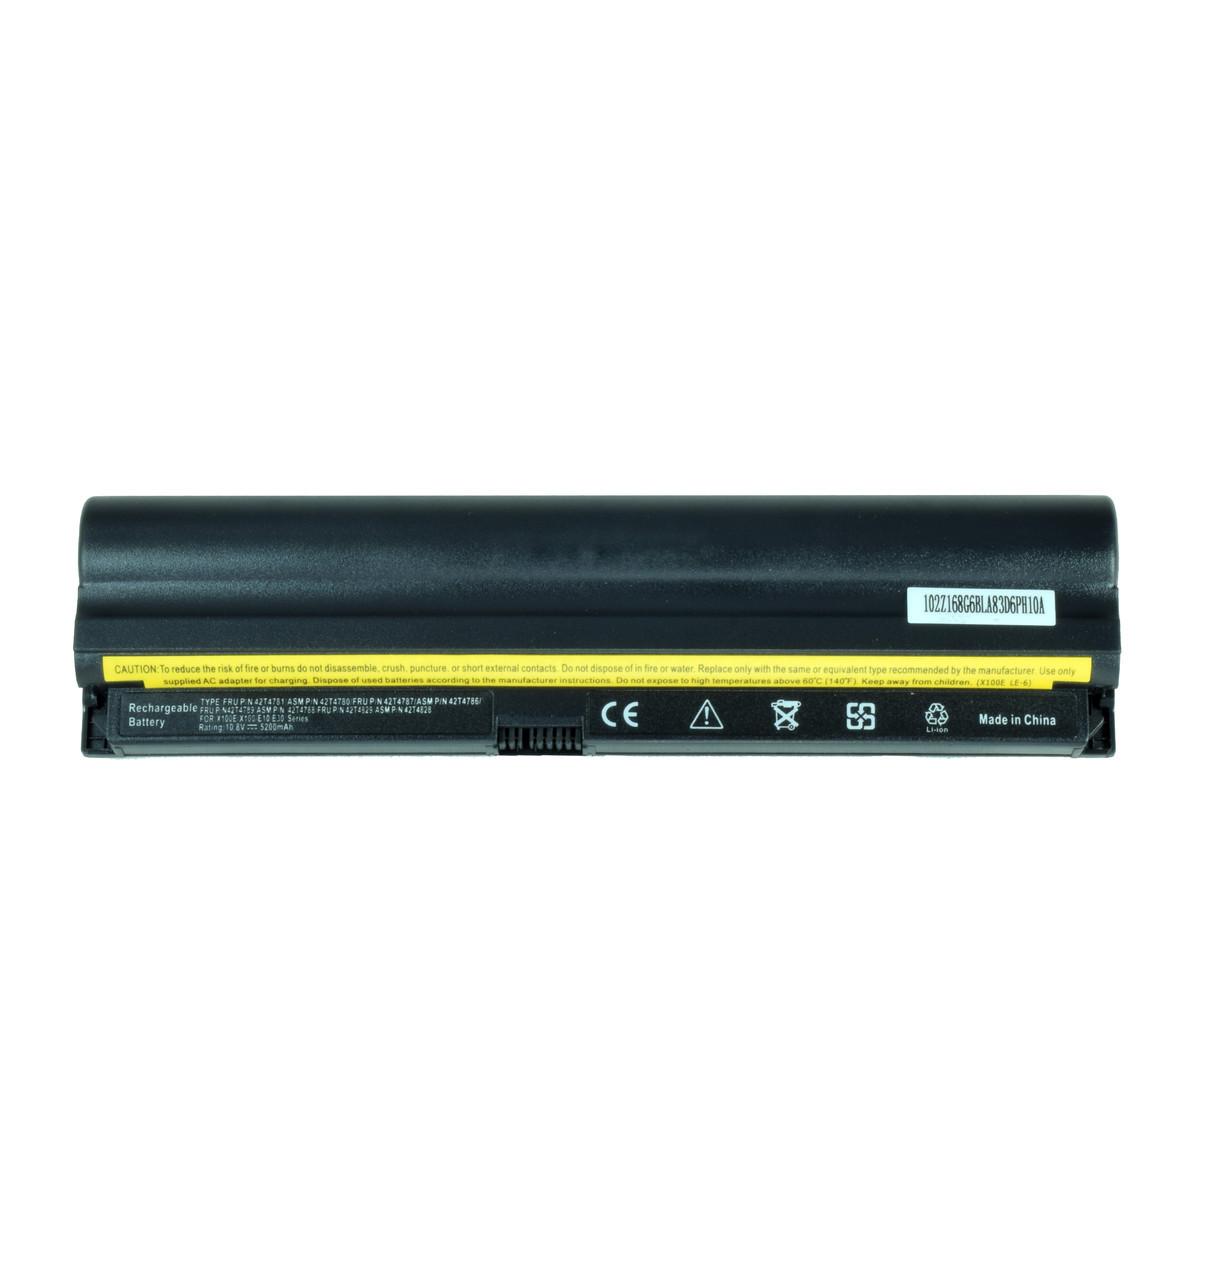 Батарея для ноутбука Lenovo 42T4829 42T4841 42T4843 42T4854 42T4855 42T4856 42T4889 42T4891 42T4895